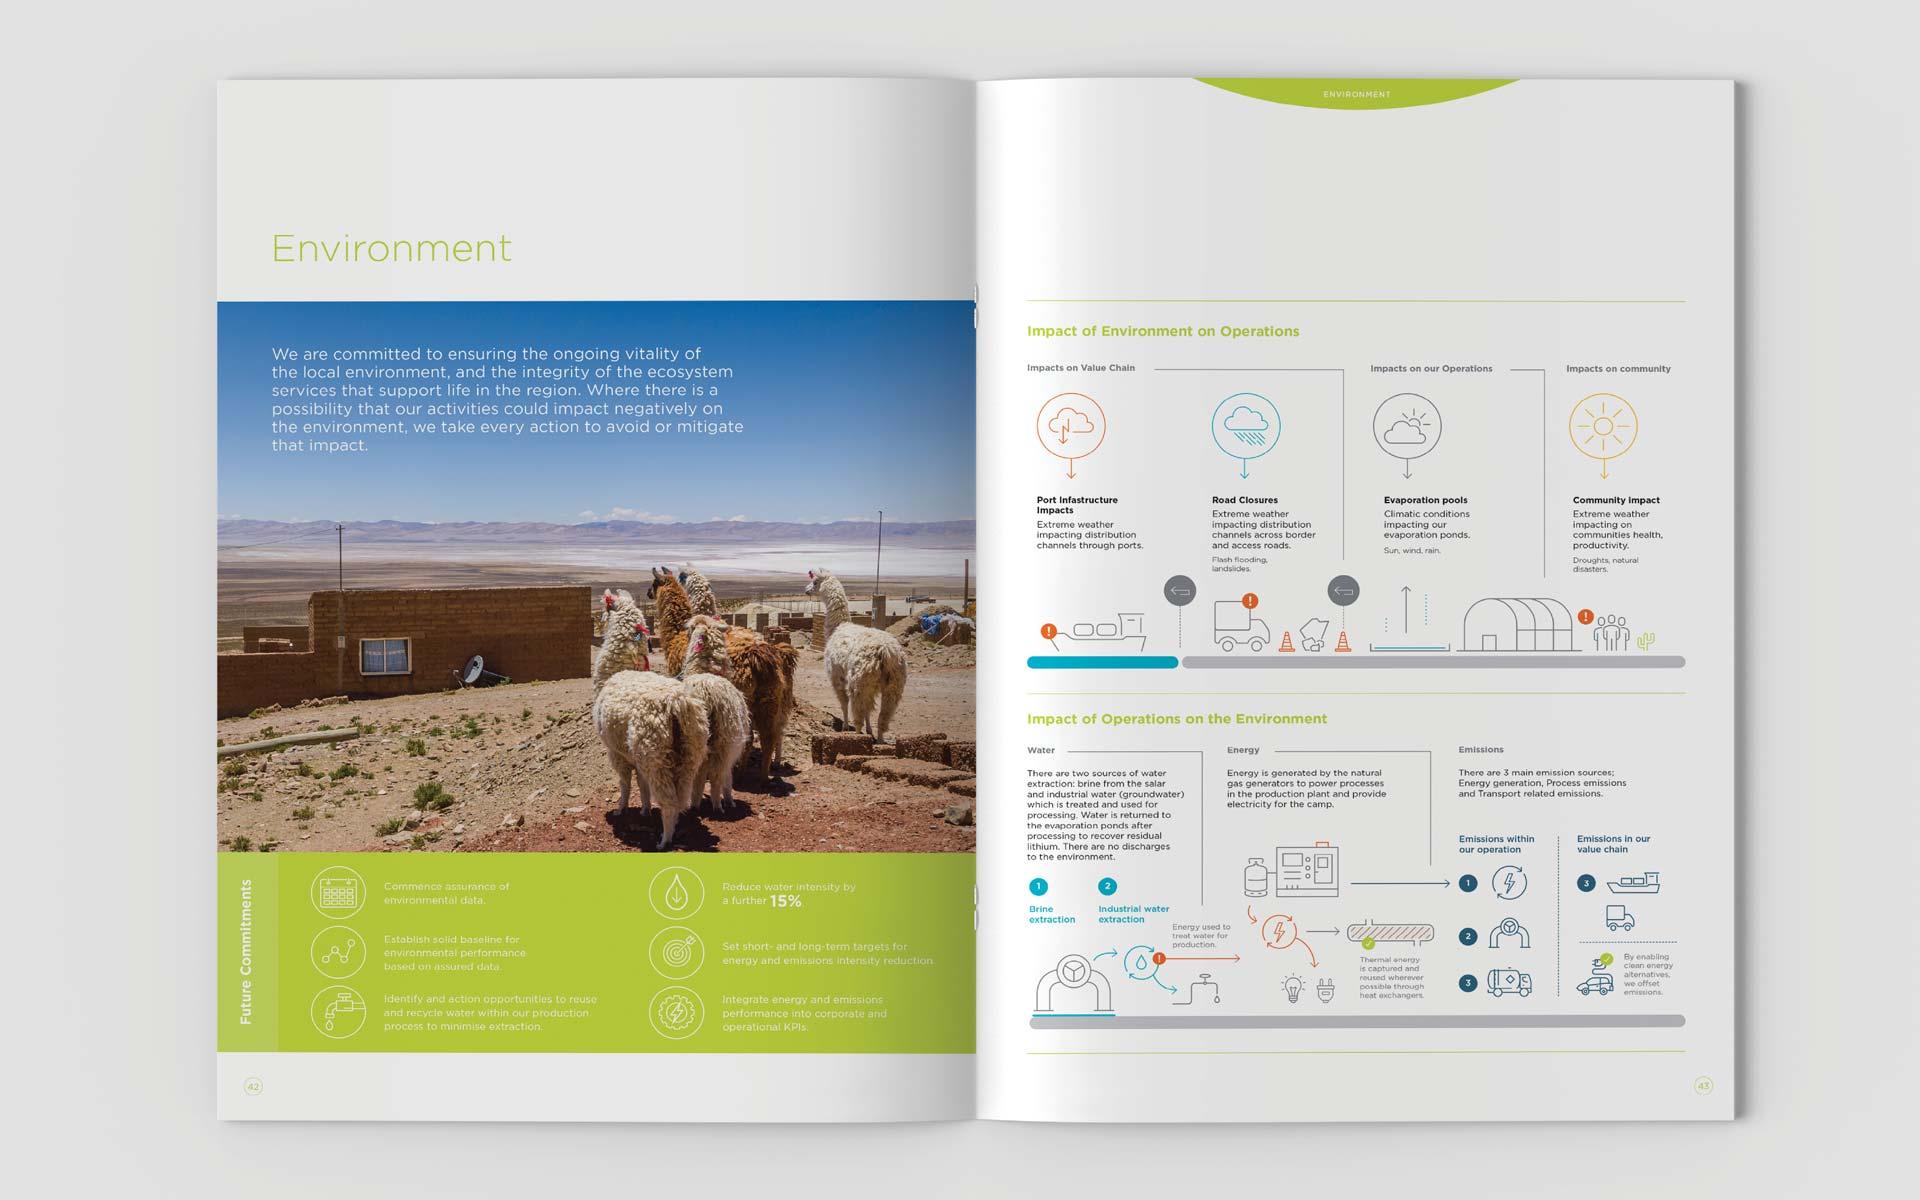 Orocobre Corporate Design Sustainability Report